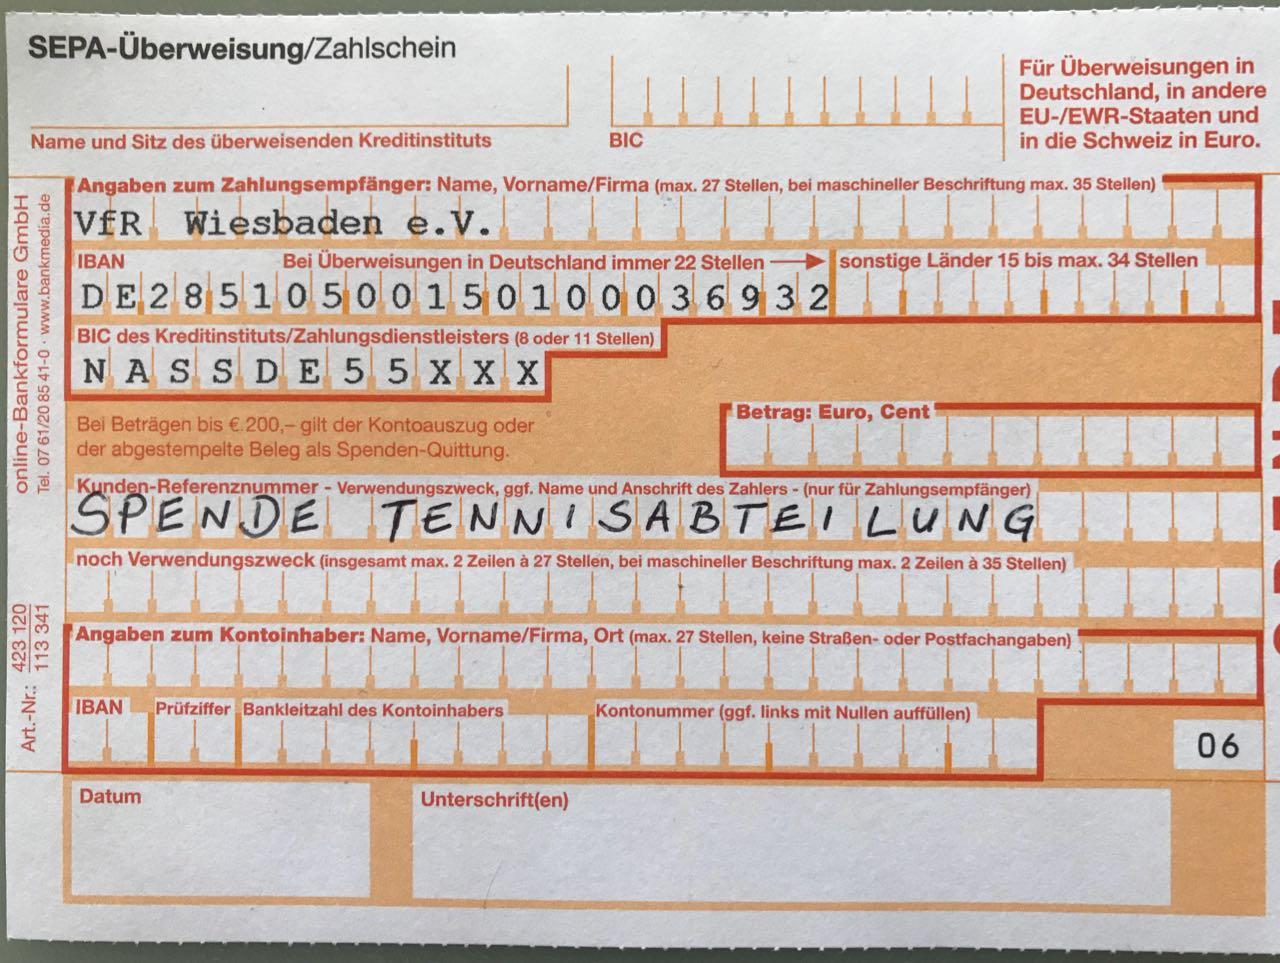 Spenden Clubhaus VfR Wiesbaden